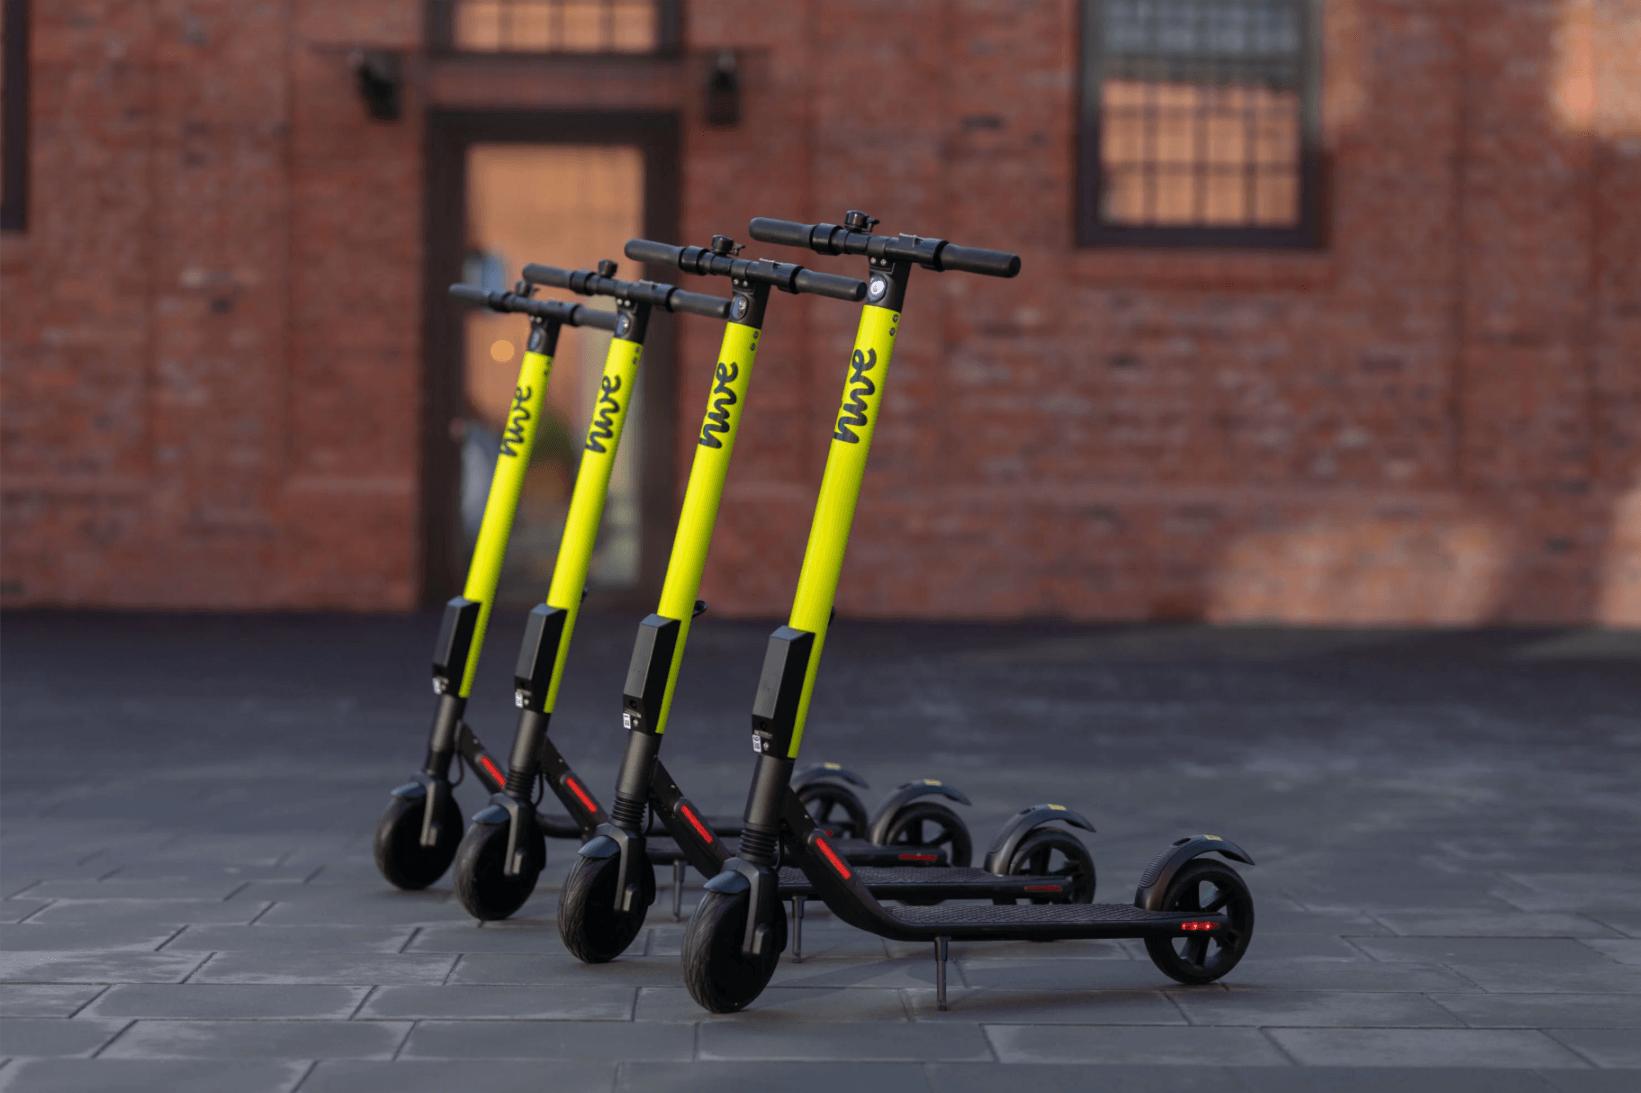 Hulajnogą elektryczną pojedziesz po ścieżkach rowerowych max 25 km/h 21